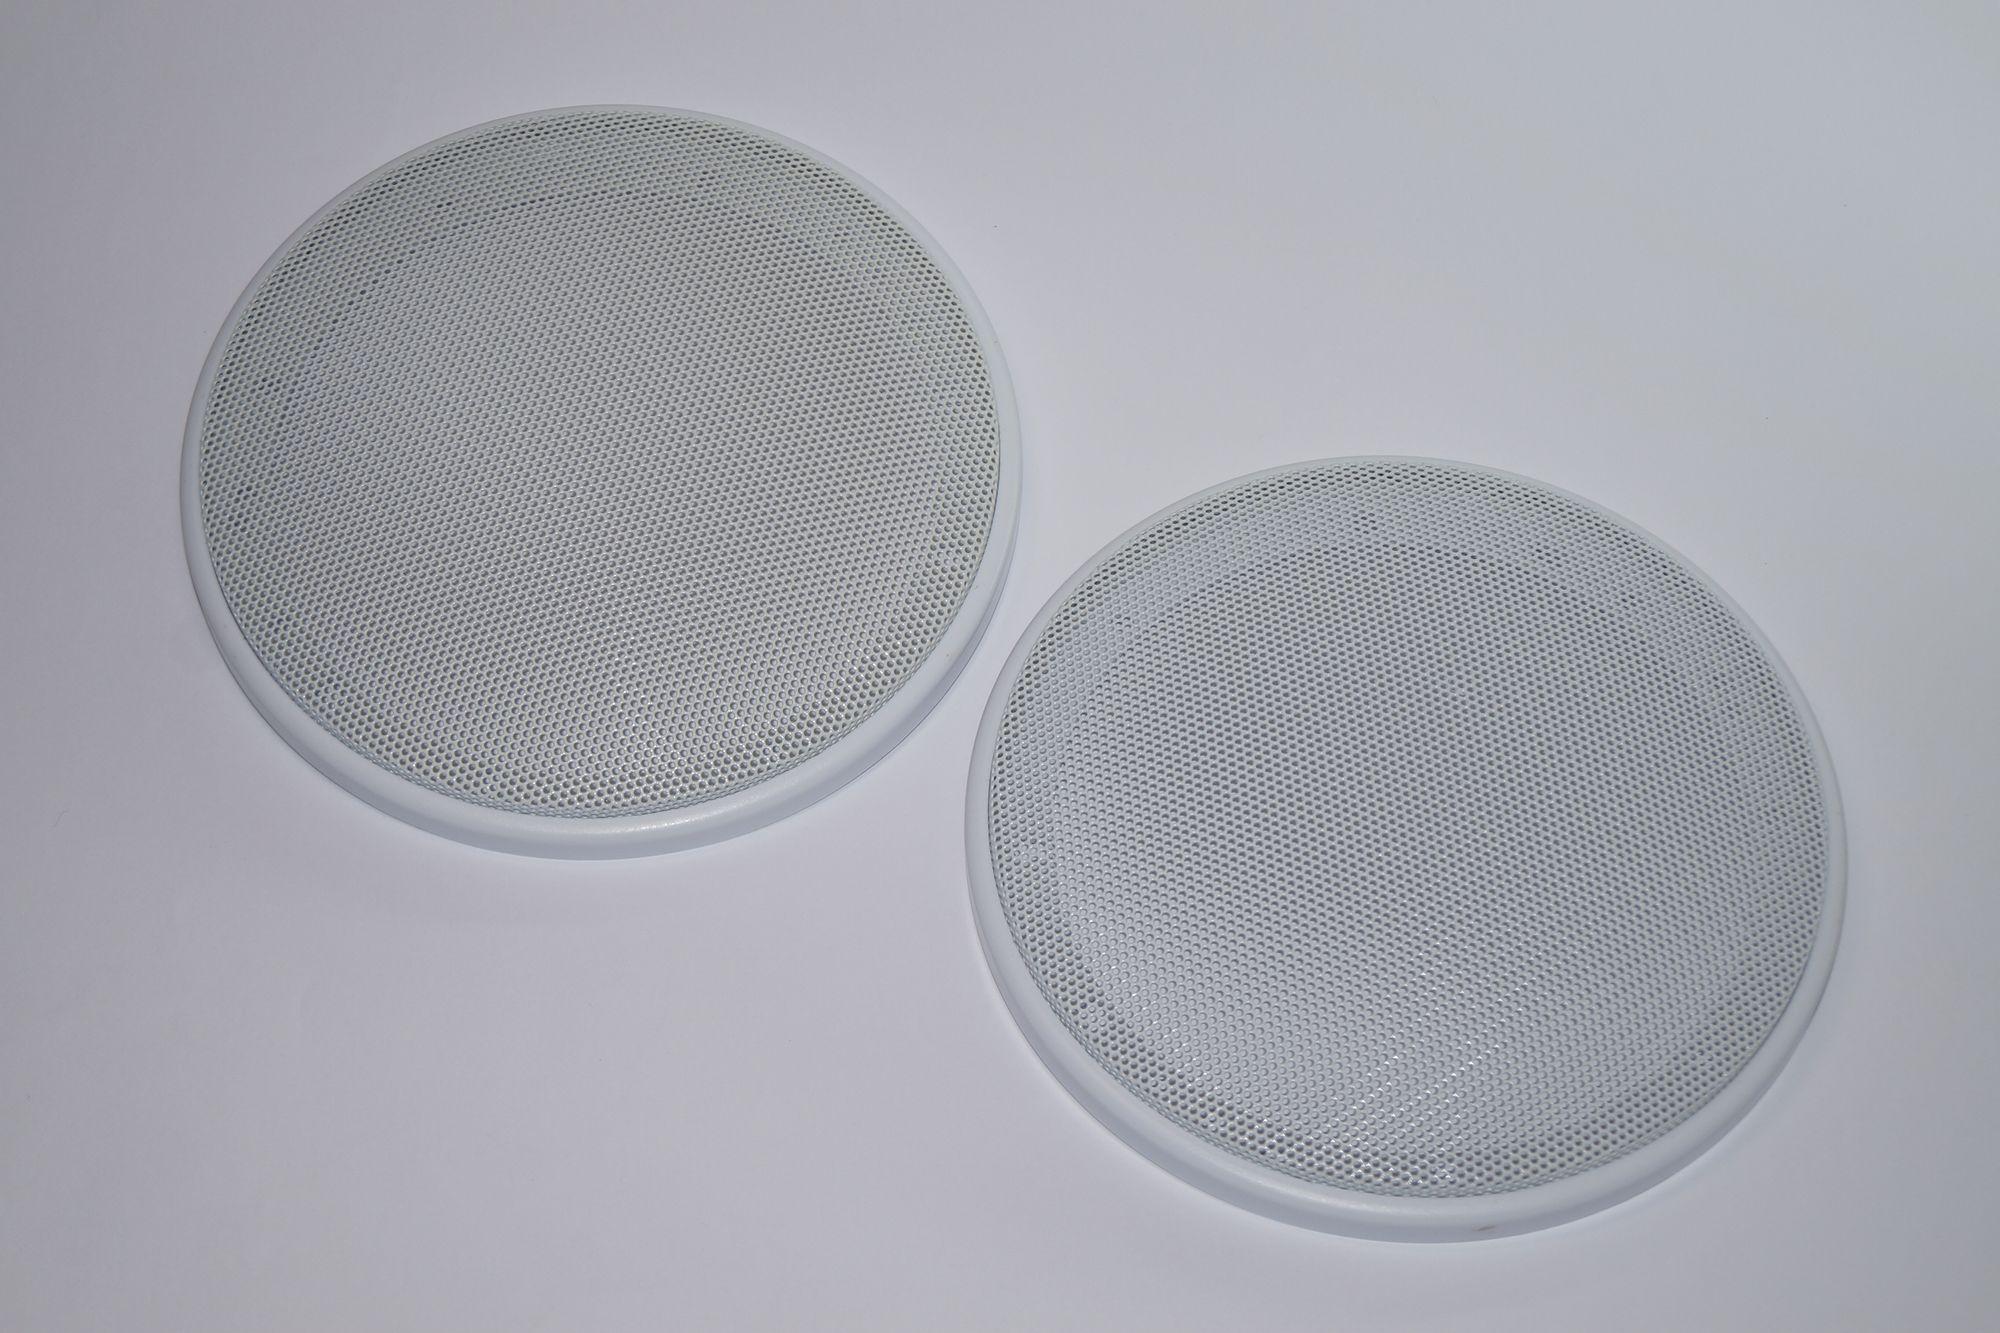 1 Paar DIN-160 Lautsprecher-Universalabdeckung Abdeckung Gitter weiß  – Bild 2